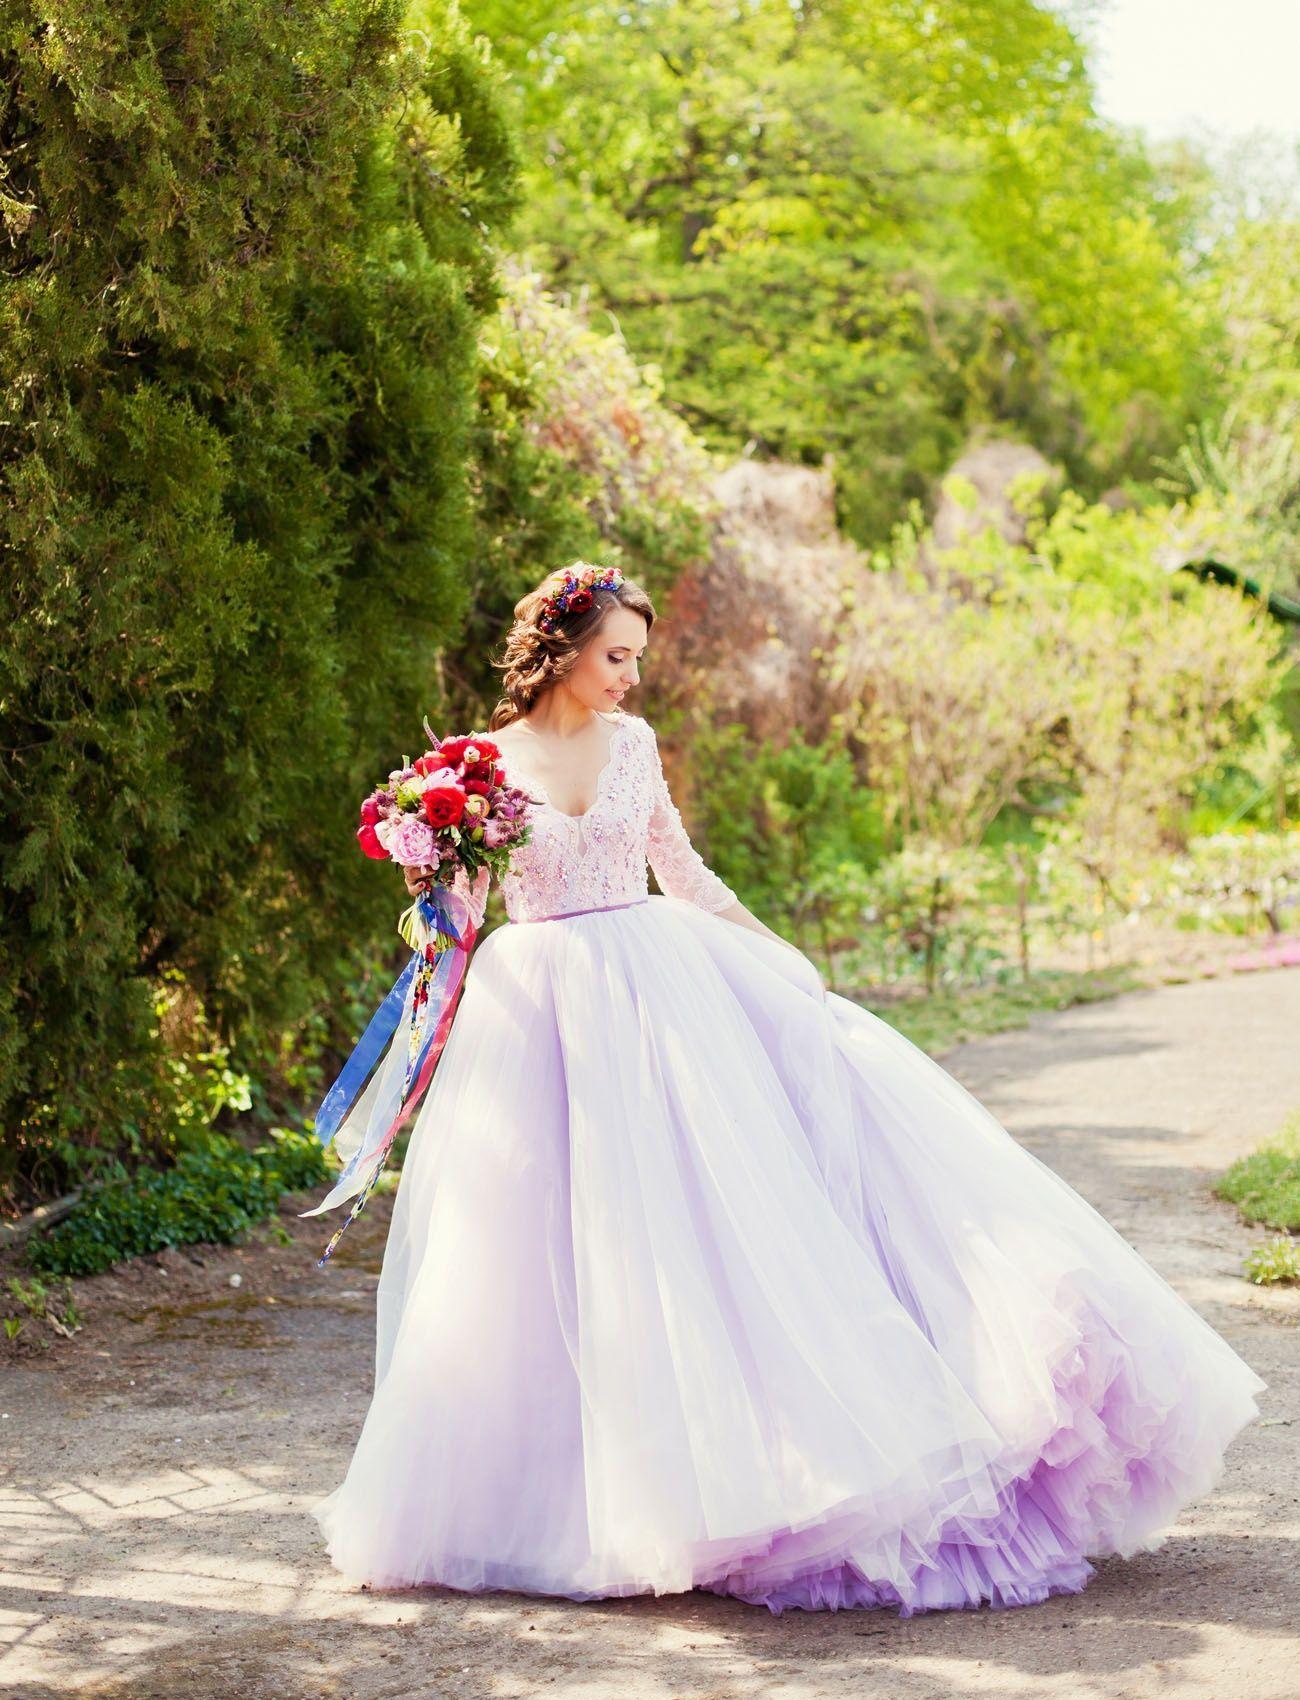 9 Pretty Purple Wedding Dresses For The Non Traditional Bride Lavender Wedding Dress Purple Wedding Dress Colored Wedding Dresses [ 1700 x 1300 Pixel ]